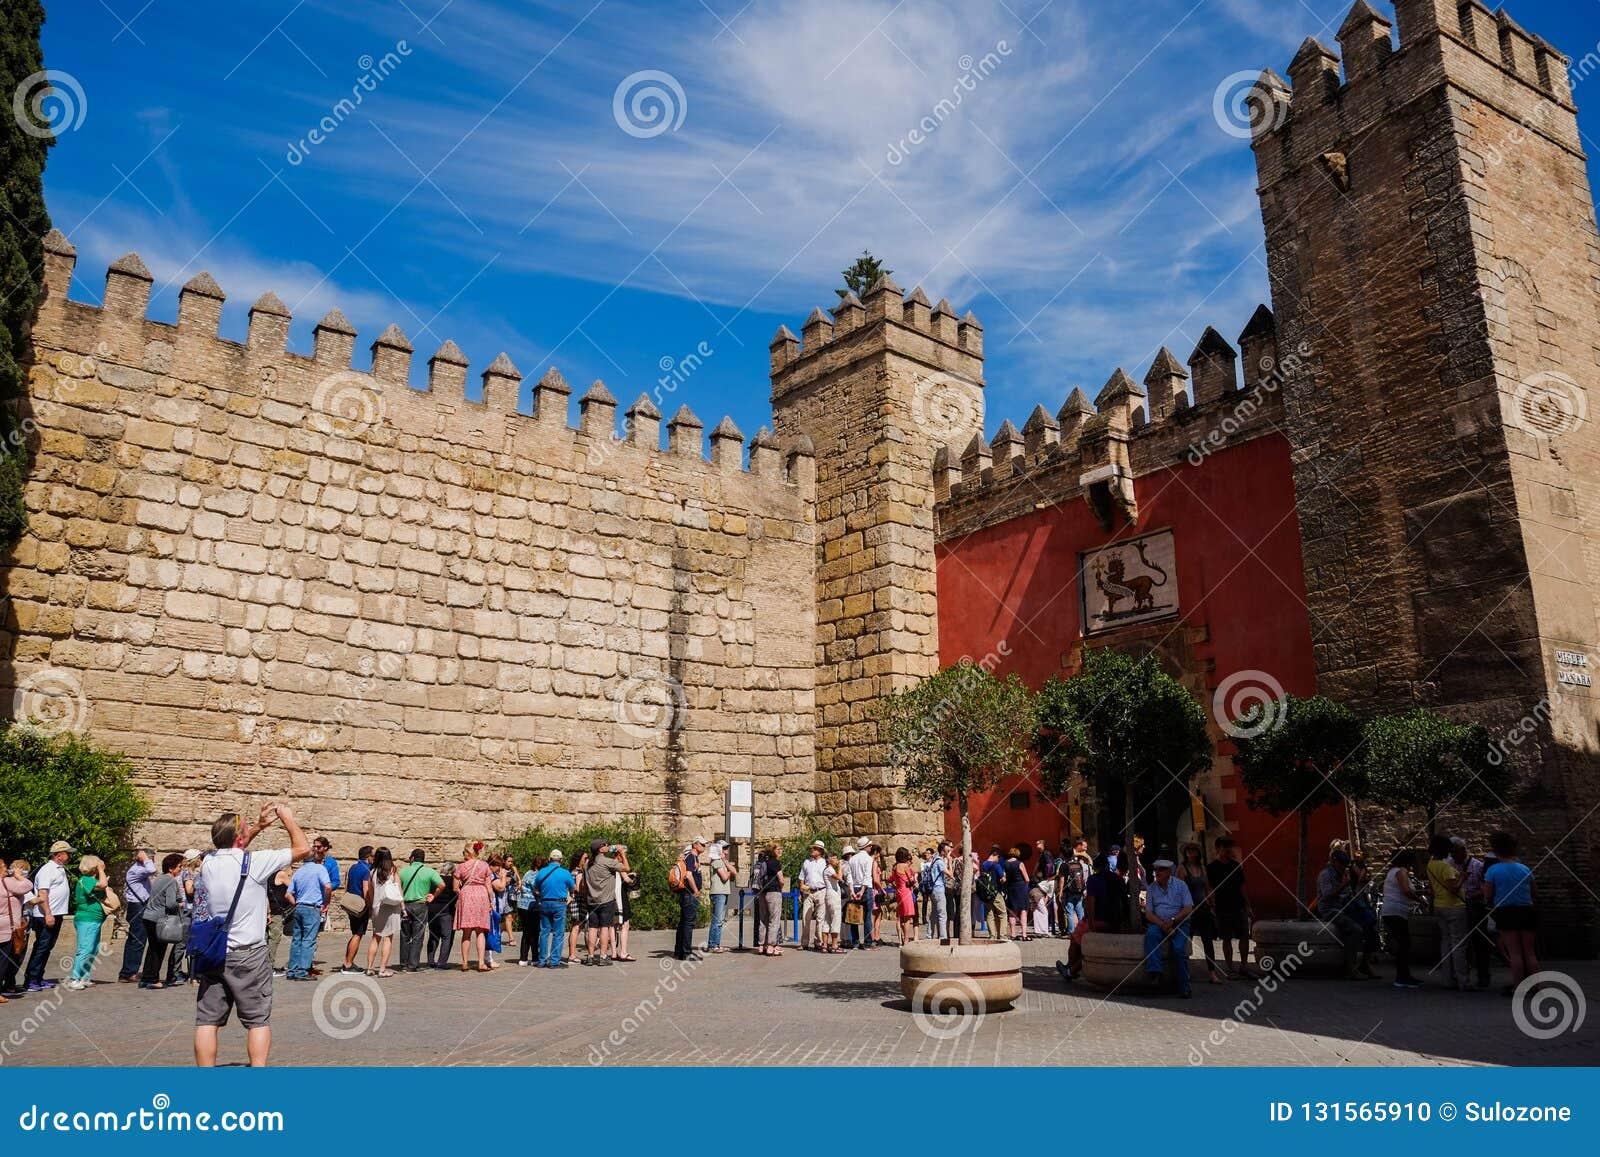 Turisti che fanno la coda per i biglietti all alcazar reale di Siviglia